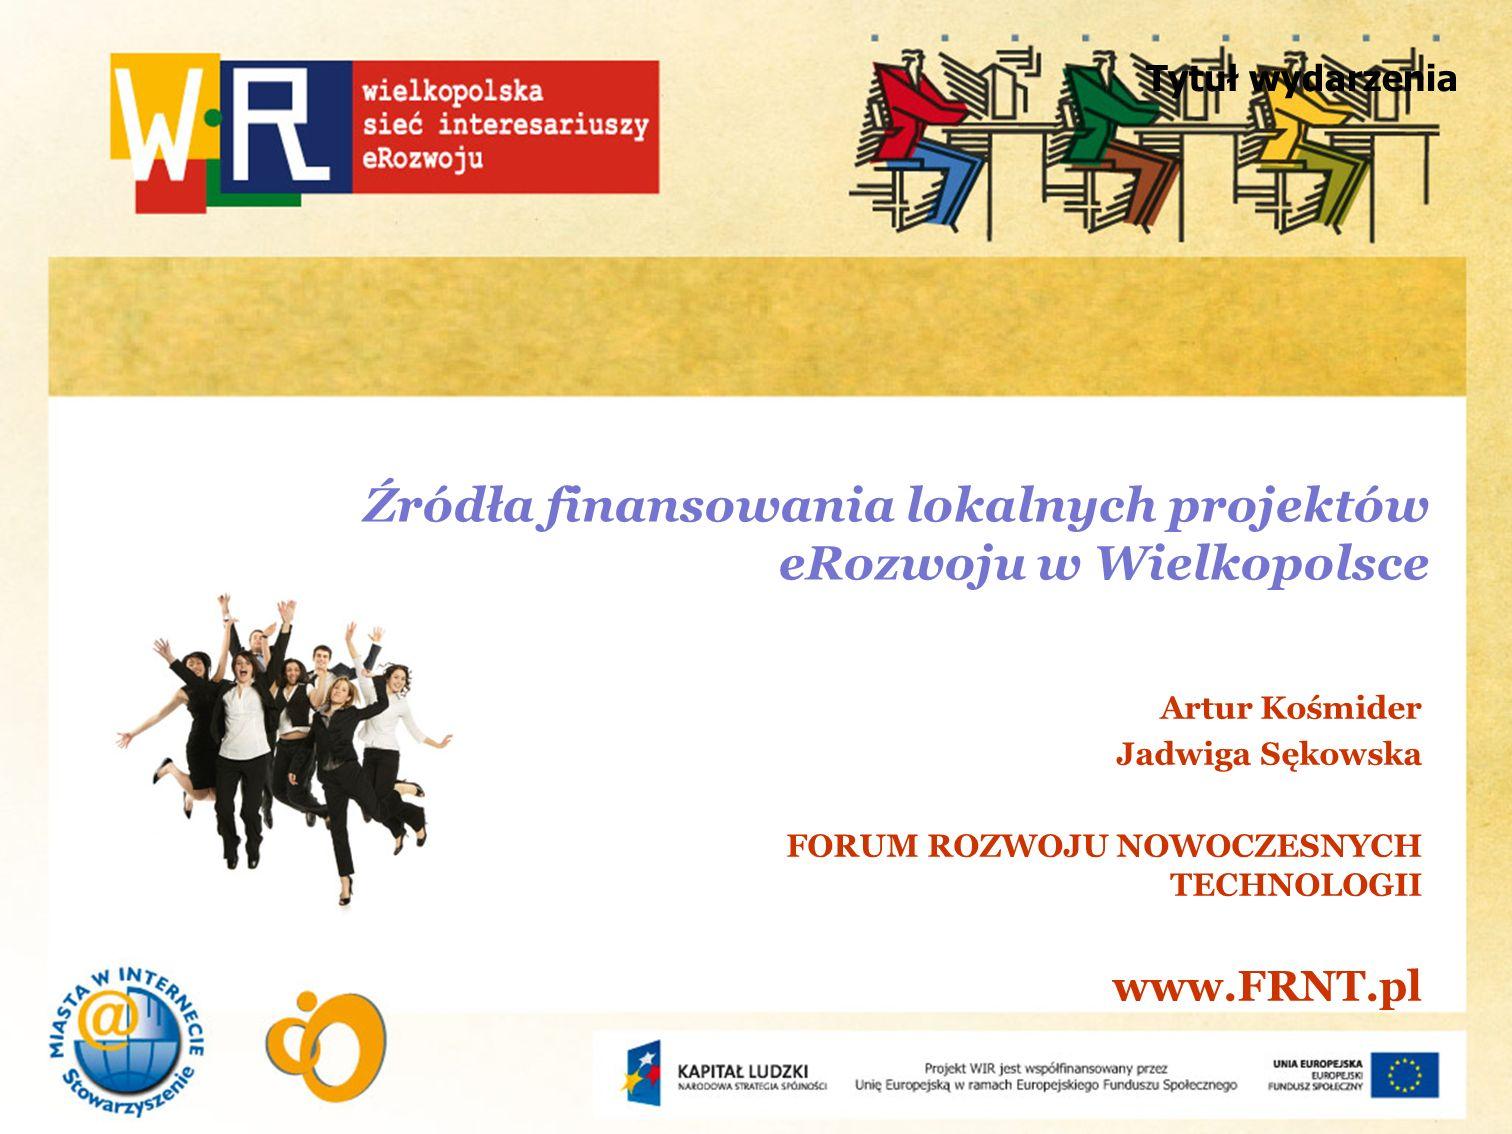 Tytuł wydarzenia Źródła finansowania lokalnych projektów eRozwoju w Wielkopolsce Artur Kośmider Jadwiga Sękowska FORUM ROZWOJU NOWOCZESNYCH TECHNOLOGI